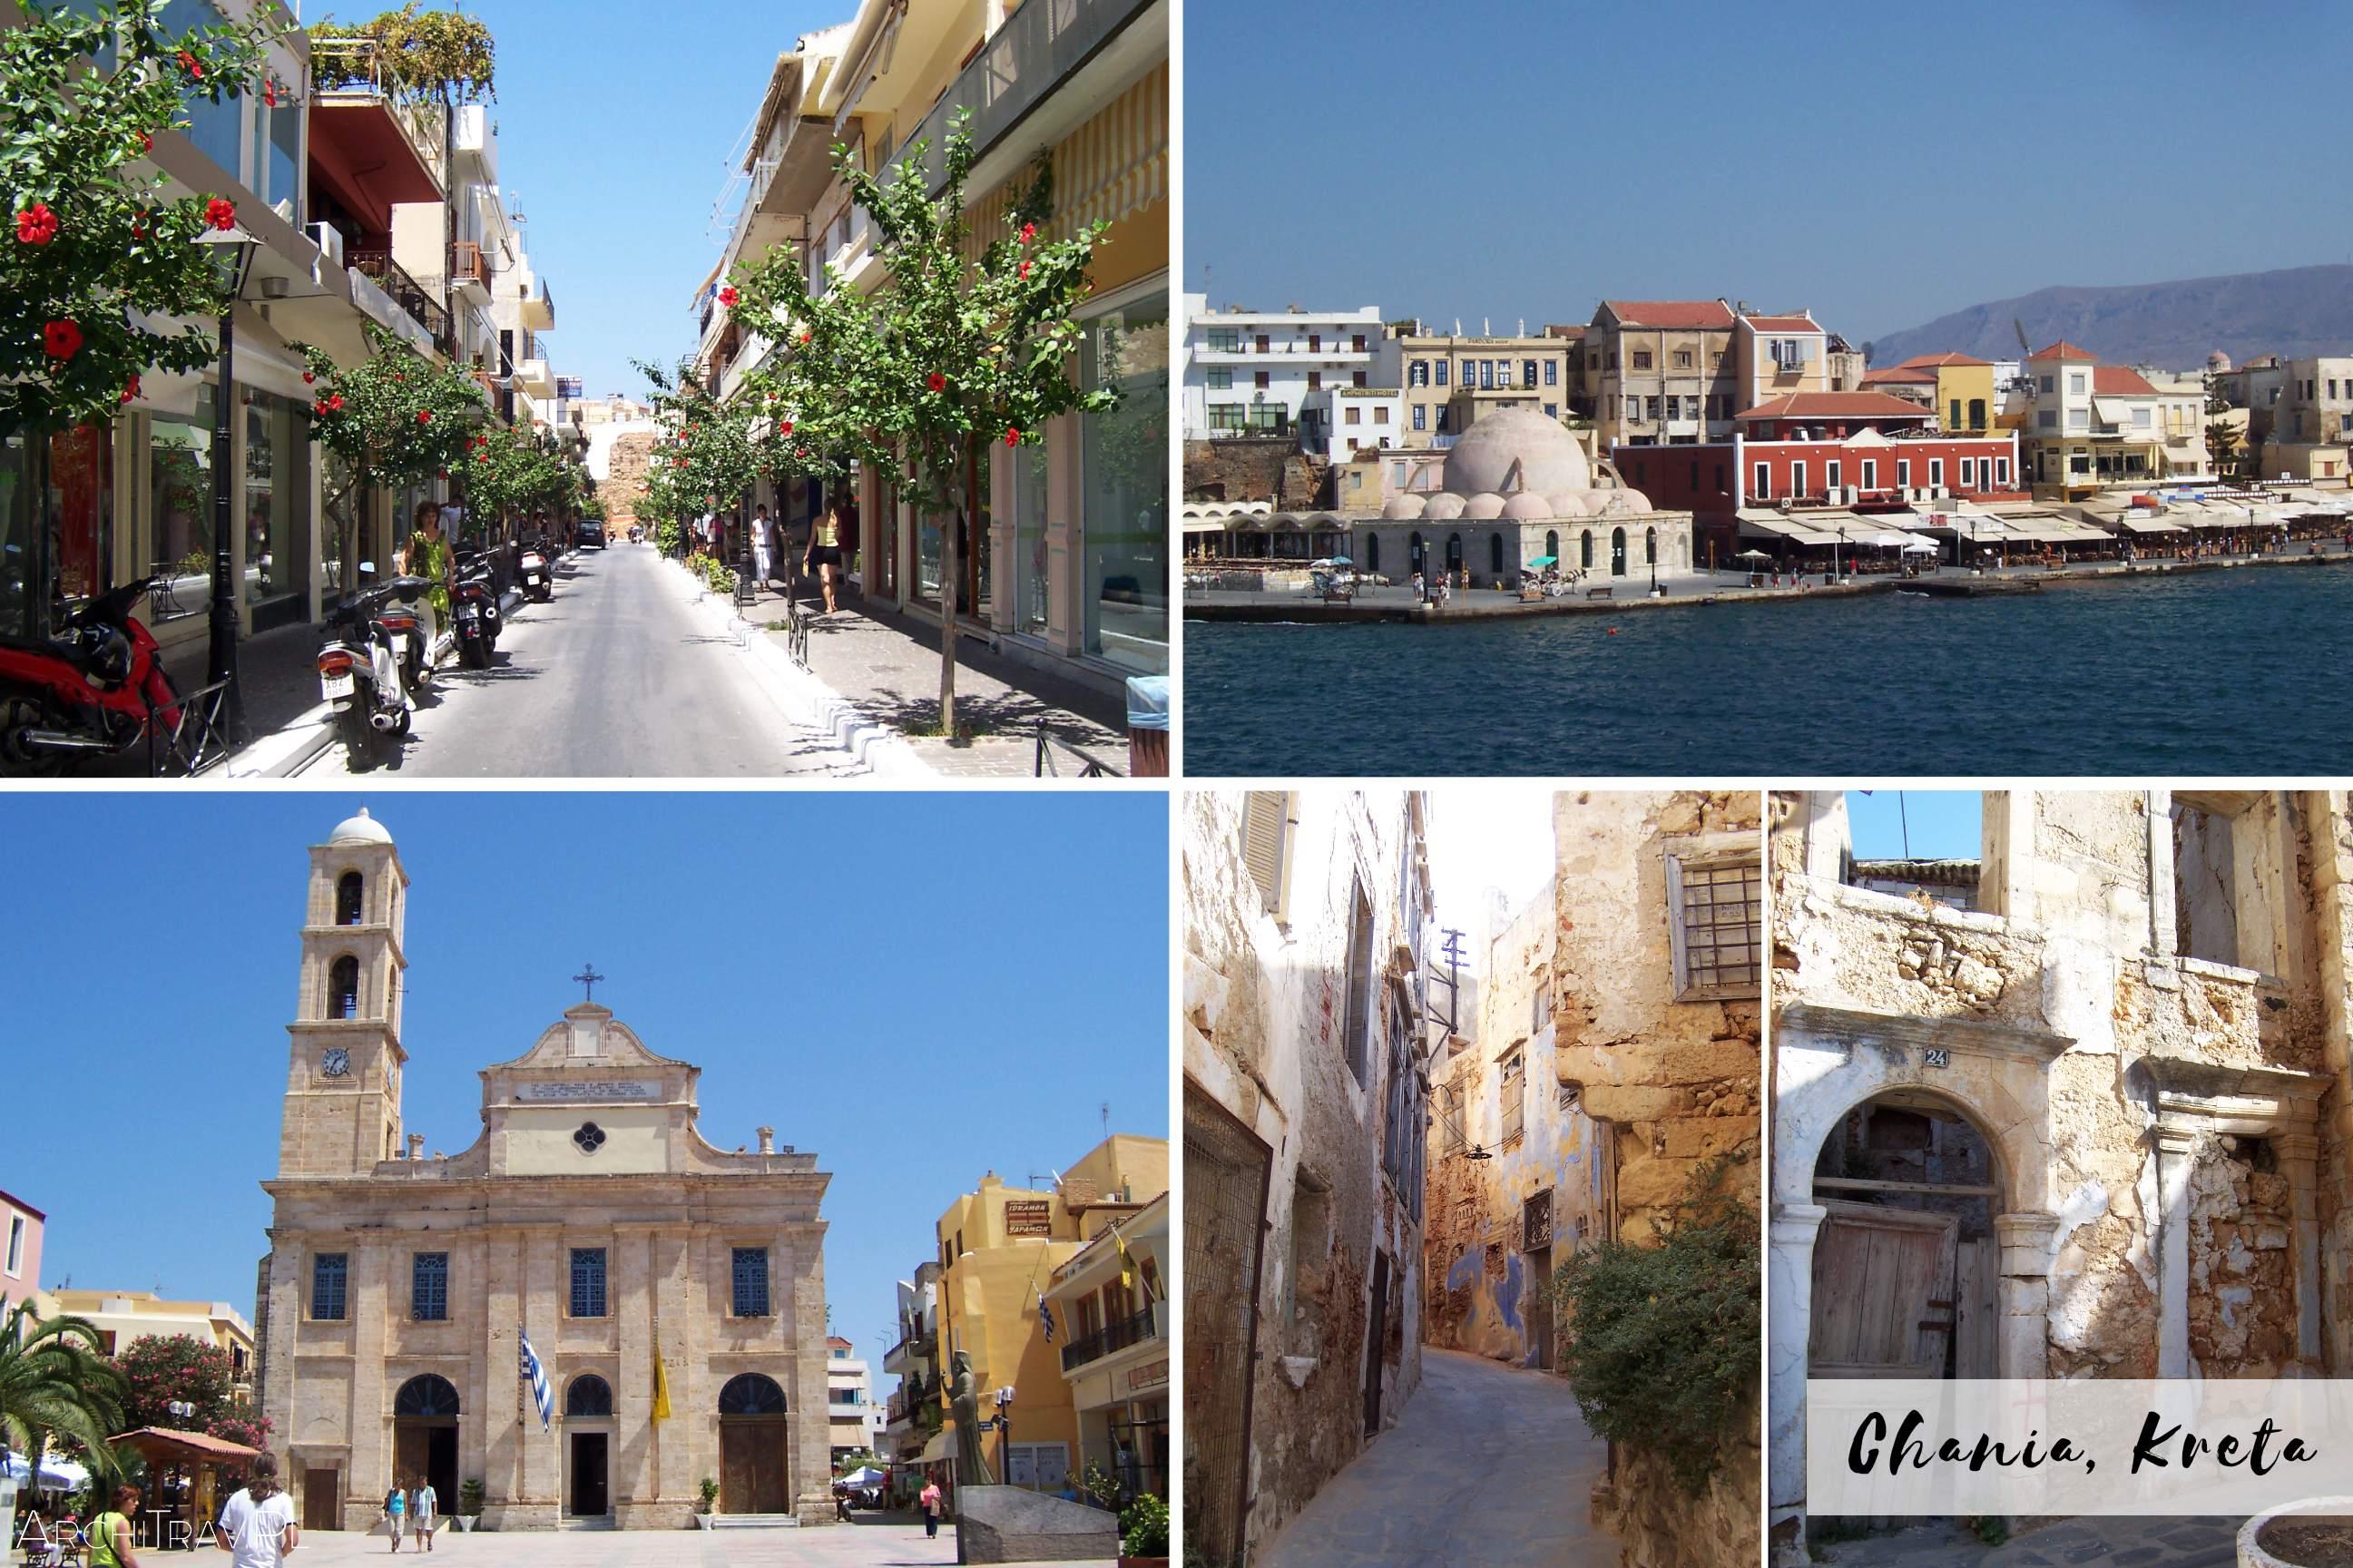 zdjecie zlozone z czterech mniejszych - Chania Kreta - port, kosciol